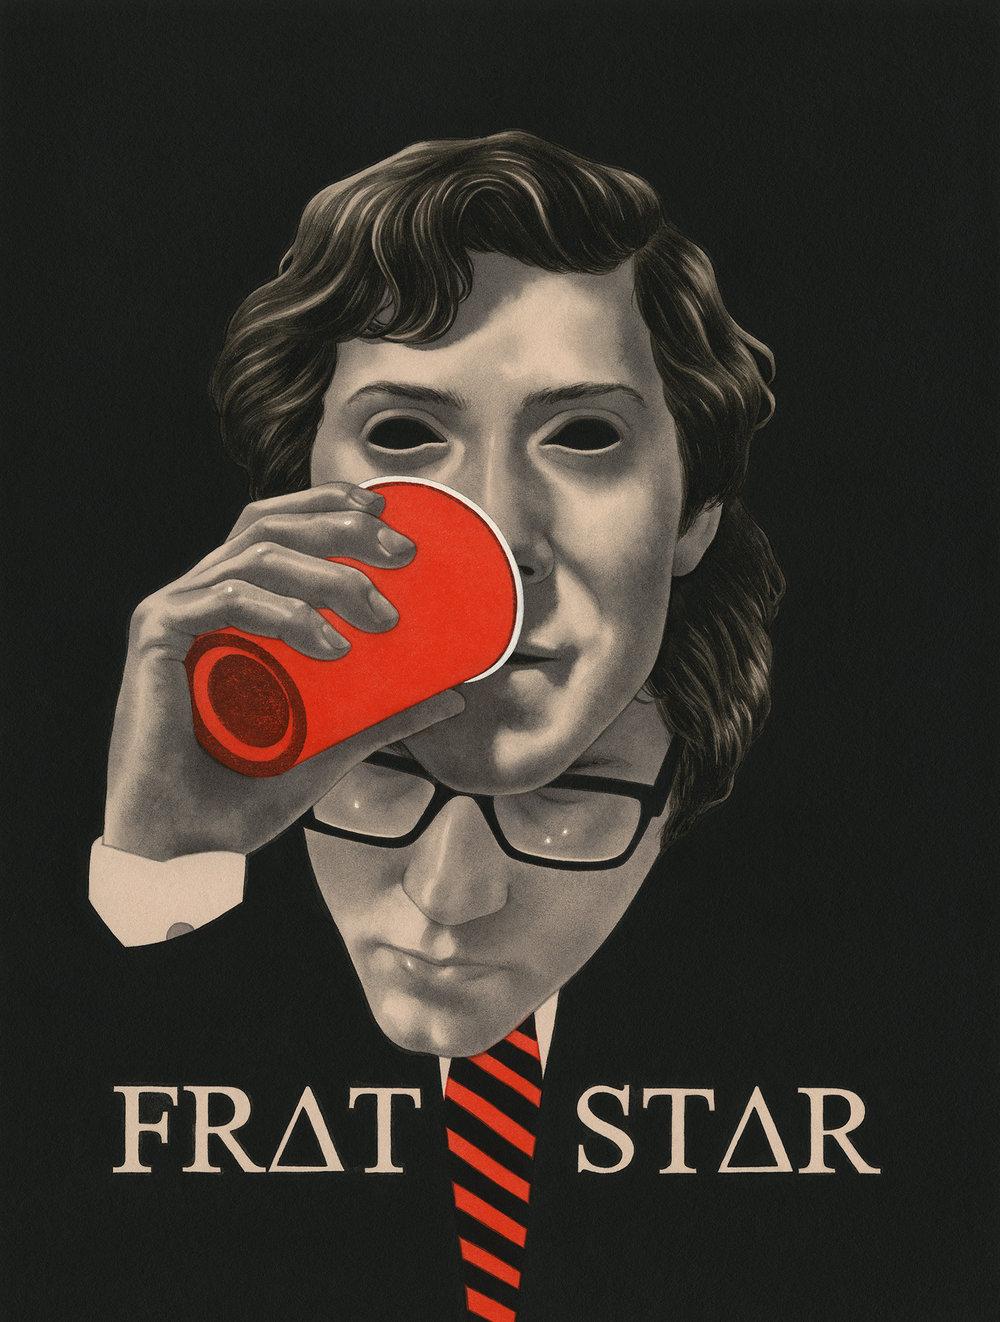 fratstarcover_web.jpg